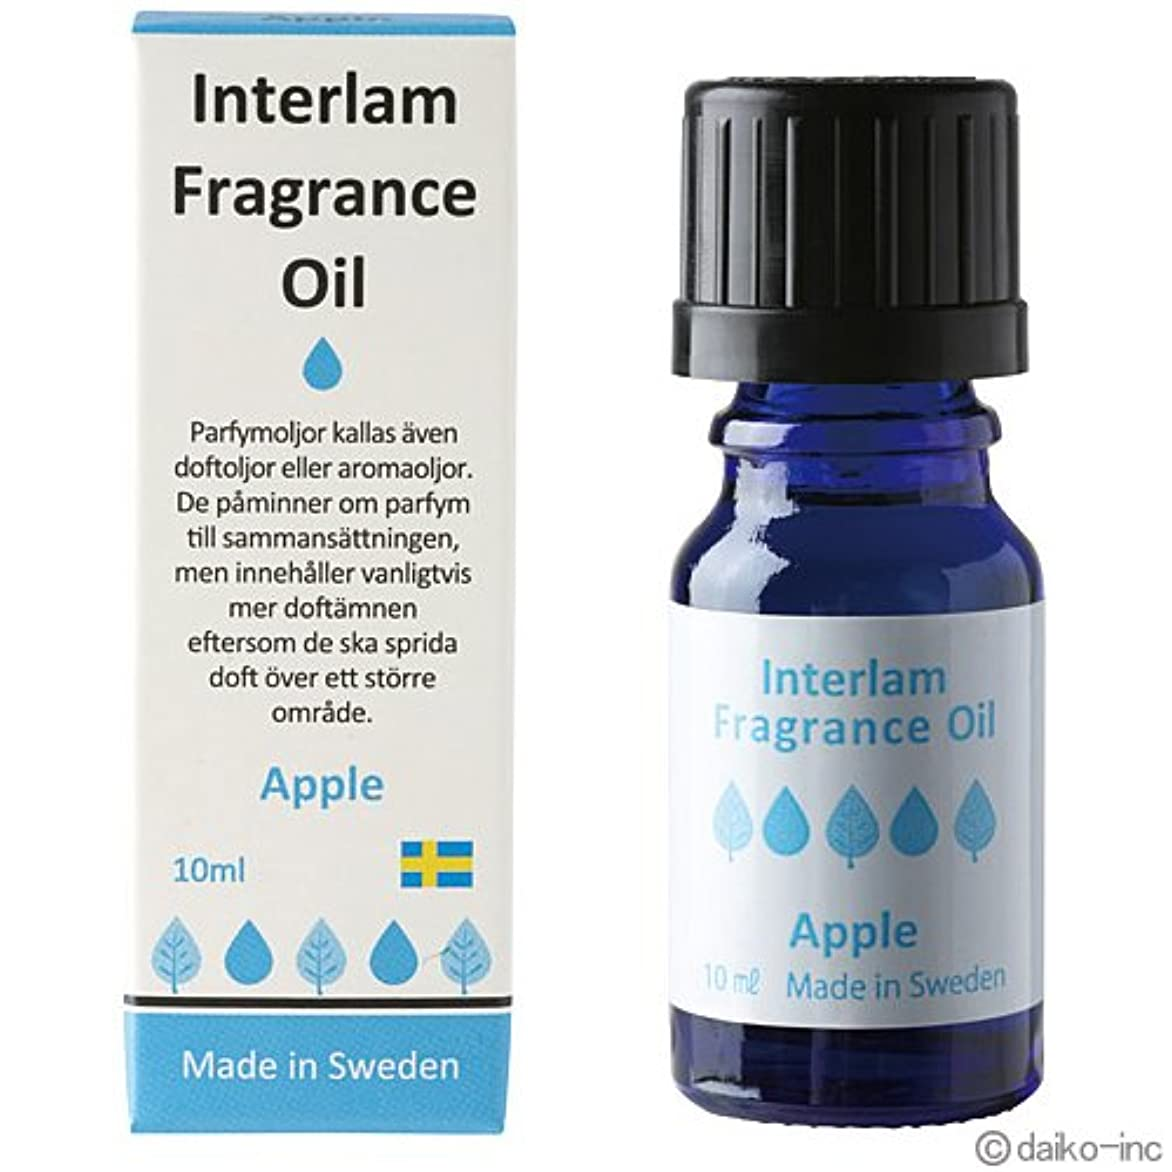 損傷似ているオリエンタルInterlam Fragrance Oil アップル 10ml